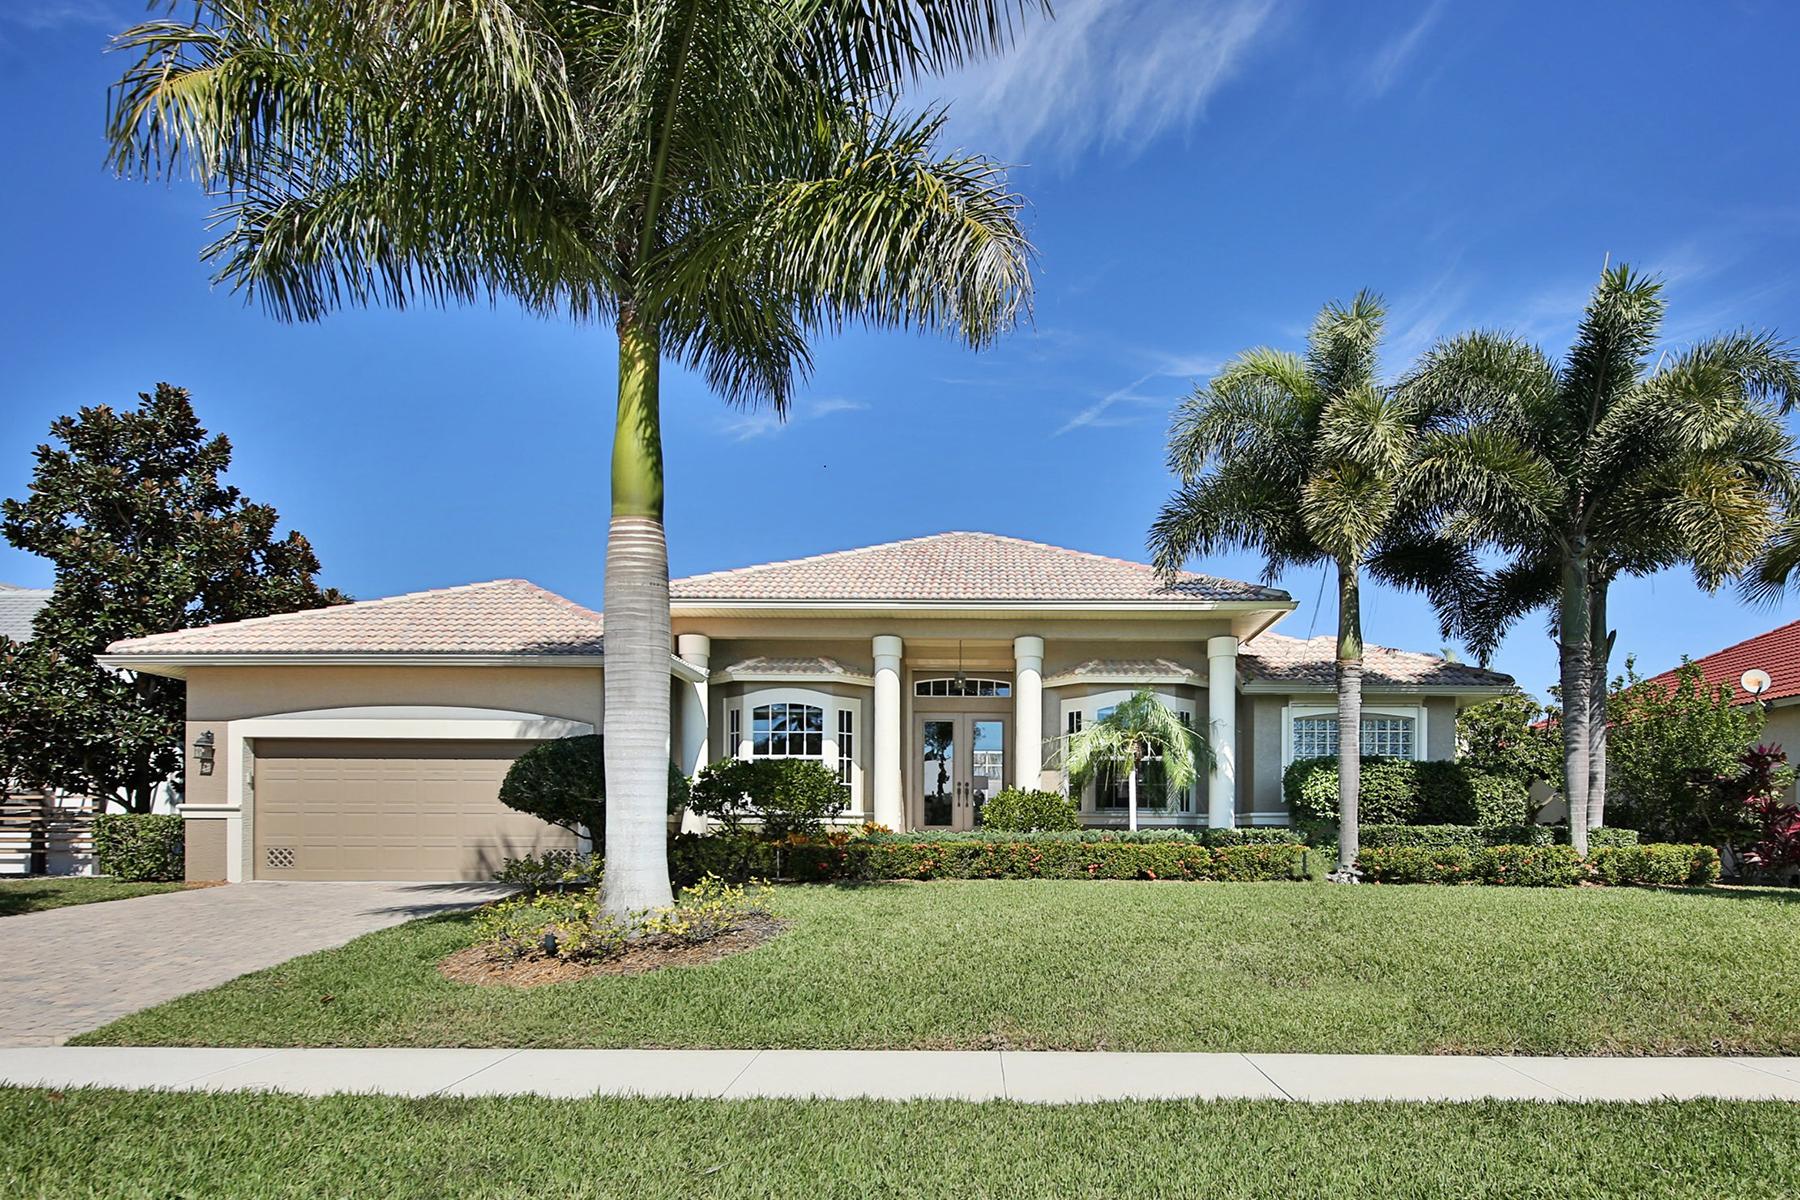 Maison unifamiliale pour l Vente à MARCO ISLAND 1806 Menorca Ct Marco Island, Florida, 34145 États-Unis